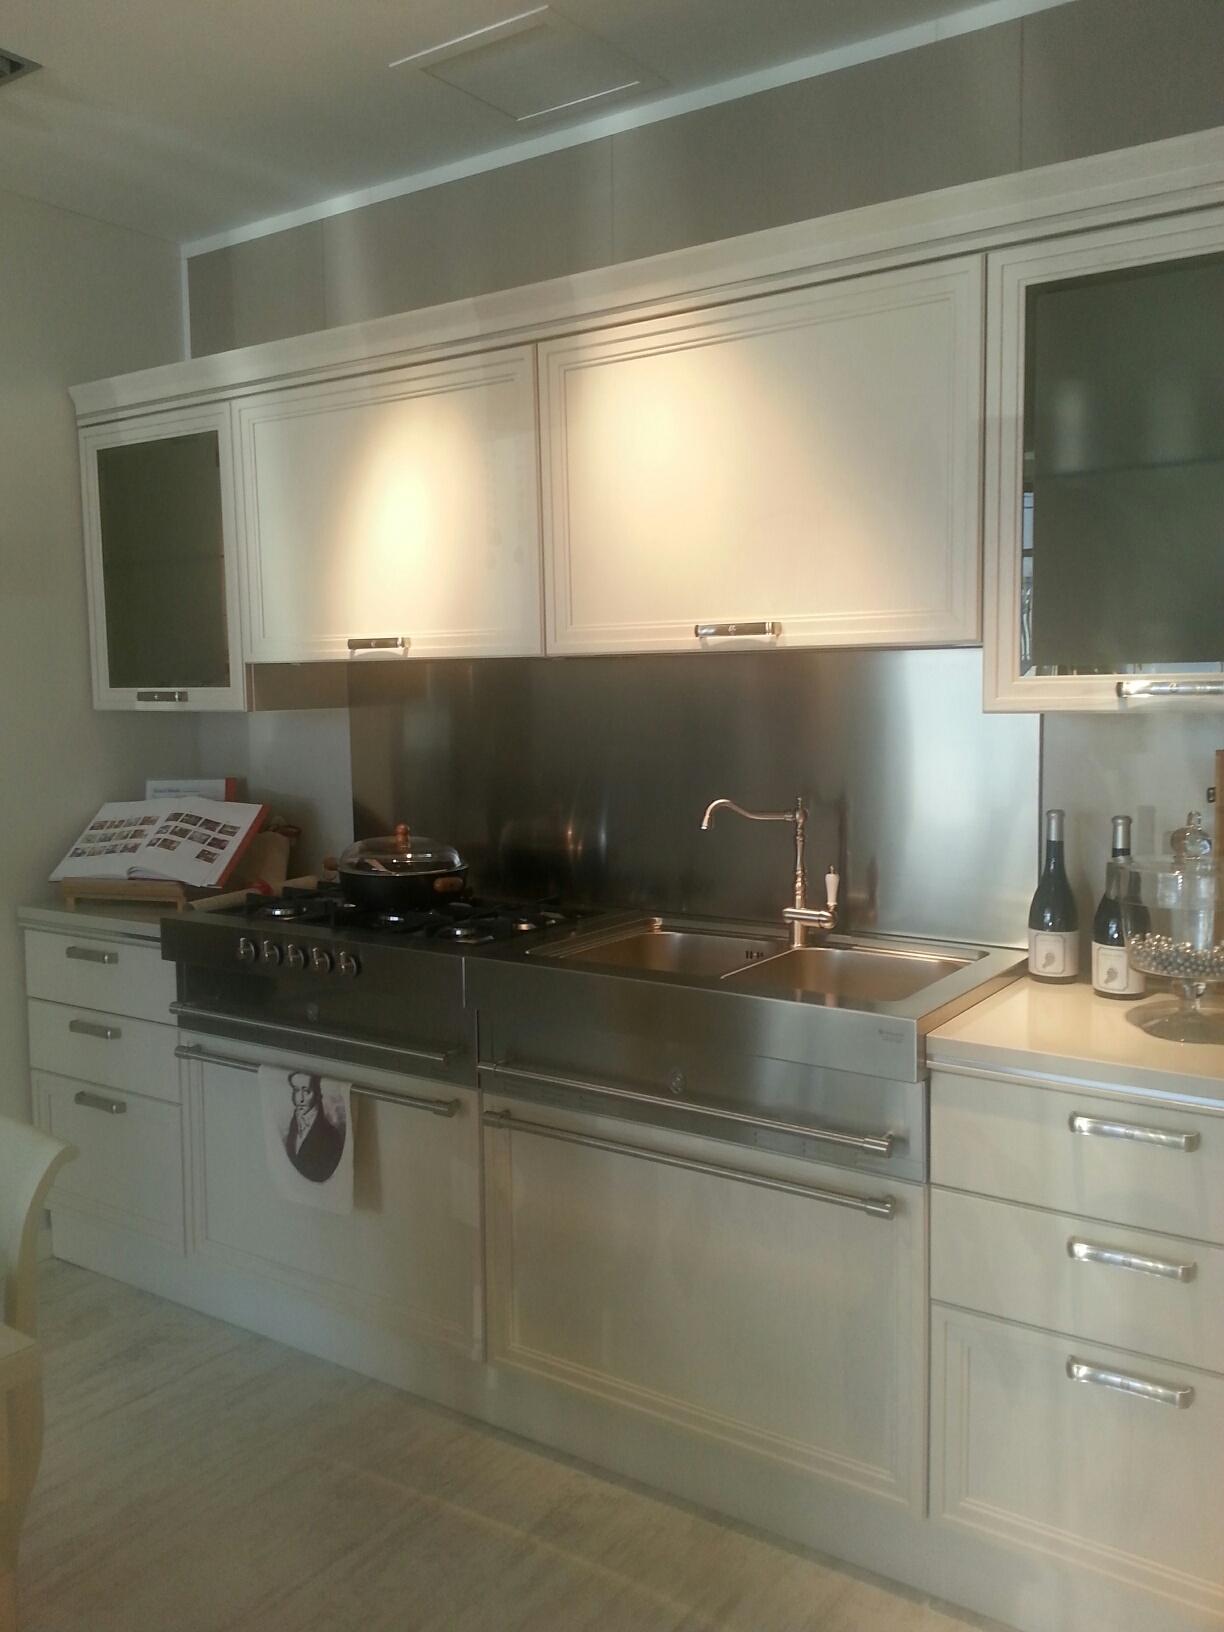 Cucina Scavolini Scavolini Modello Grand Relais Okite Anche A Muro  #91793A 1224 1632 Top Cucina Corian O Okite